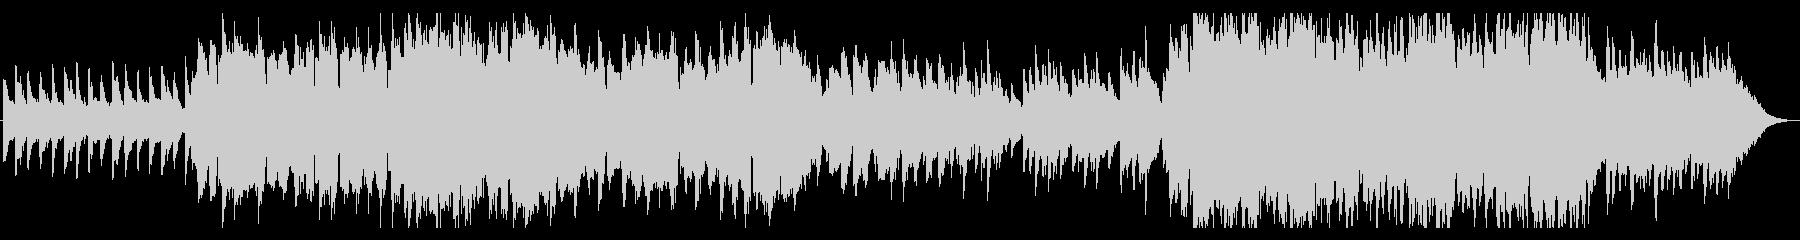 笛メインしっとり雰囲気のケルトなリール曲の未再生の波形